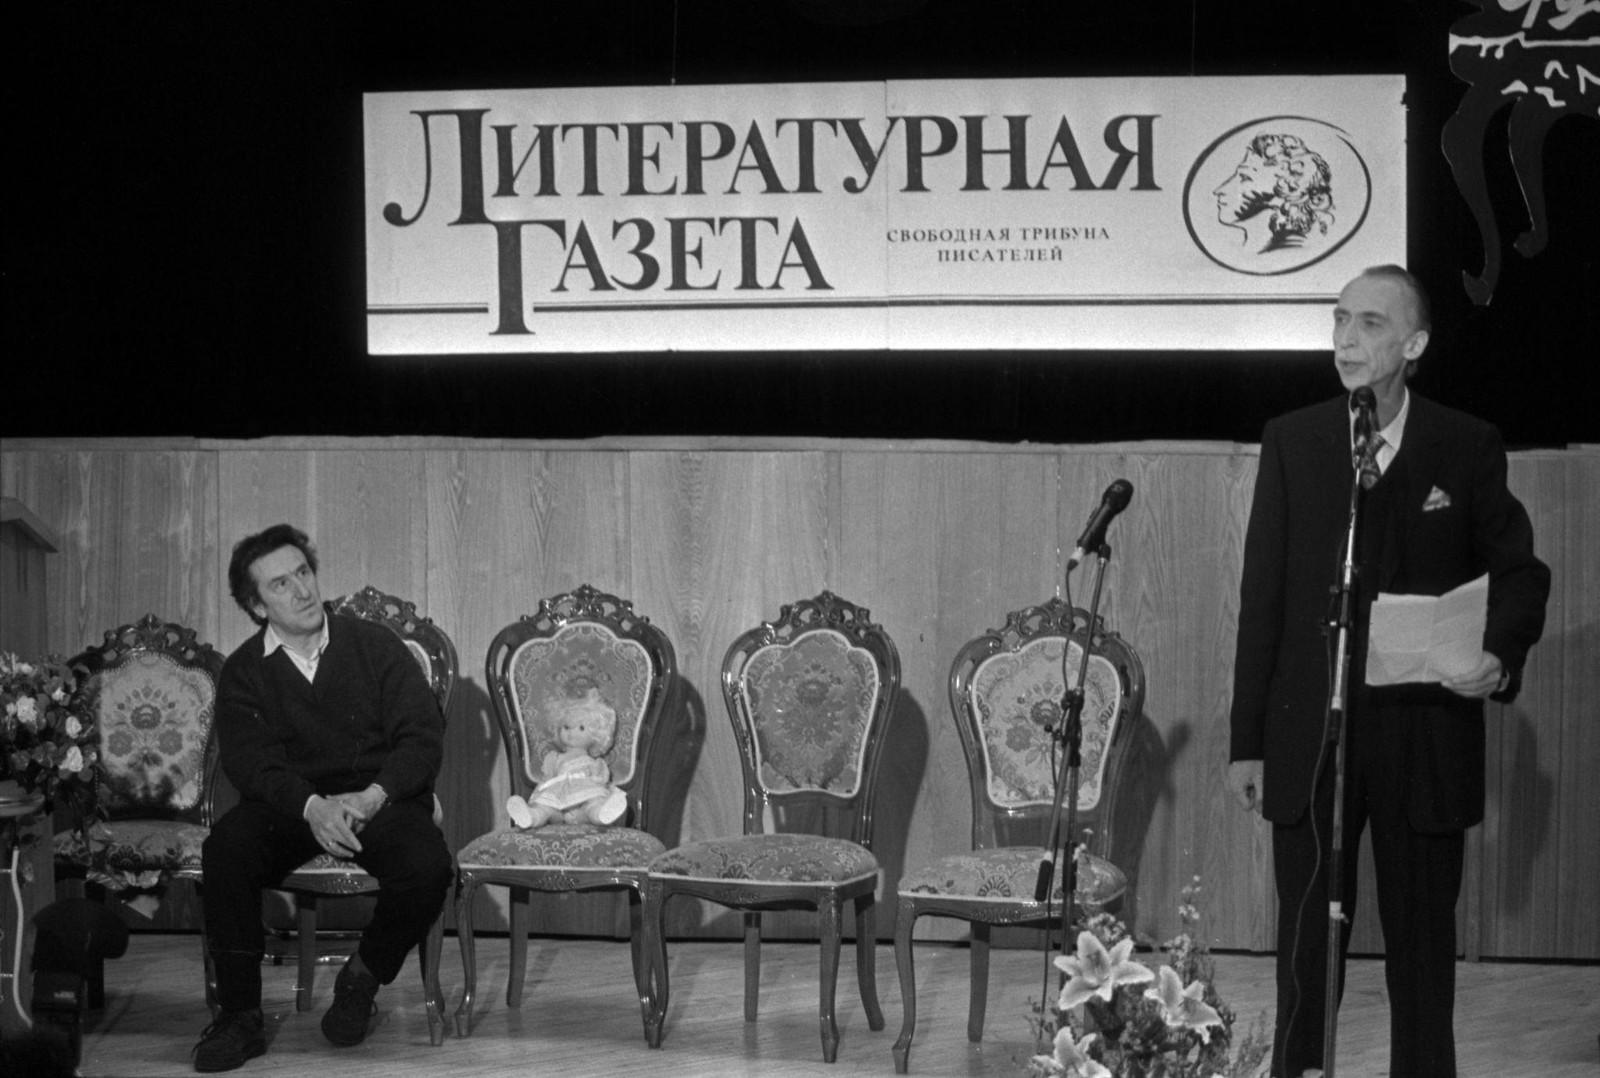 1996. Гарик Губерман и Александр Иванов, Клуб «12 стульев» «Литературная газета» в Политехническом музее